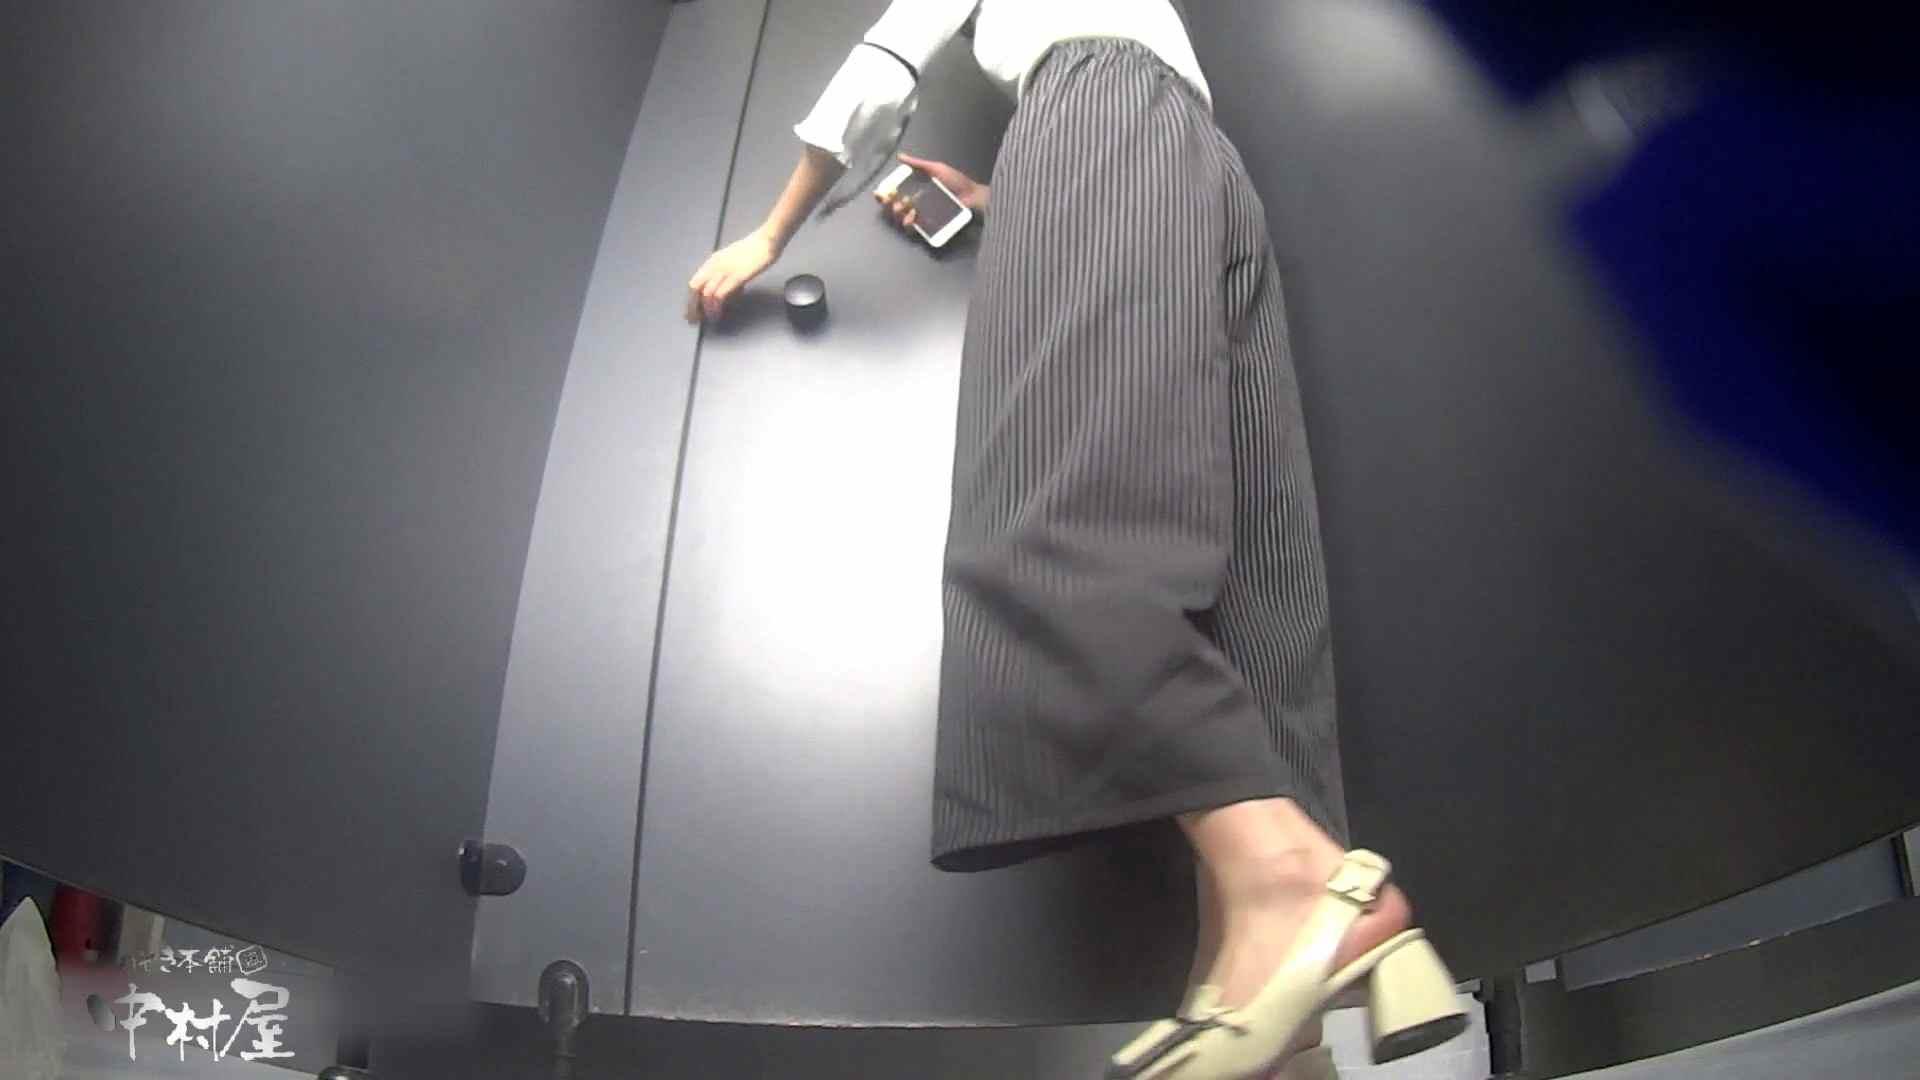 ツンデレお女市さんのトイレ事情 大学休憩時間の洗面所事情32 0  44連発 20